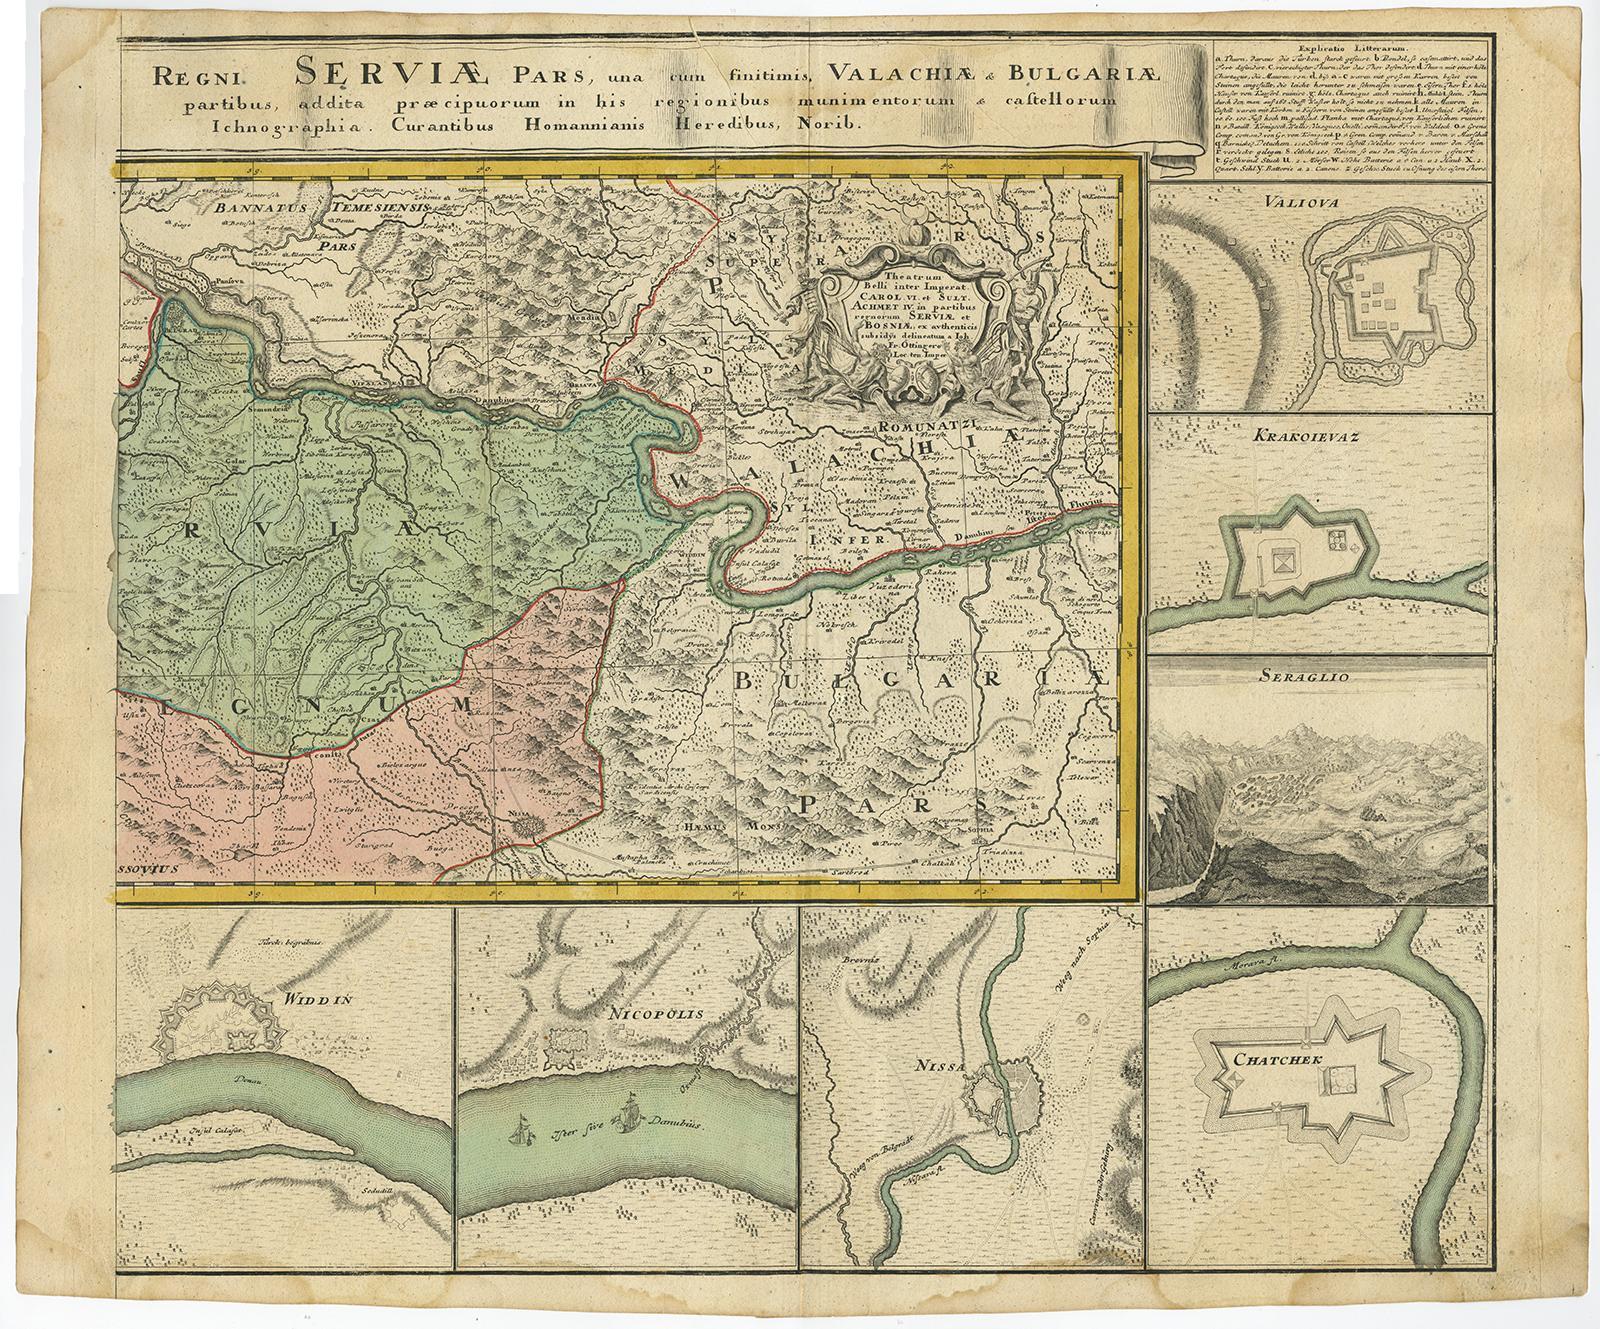 Antique MapsDANUBEBALKANSCROATIASERBIABOSNIADALMATIAHomann - Pars map